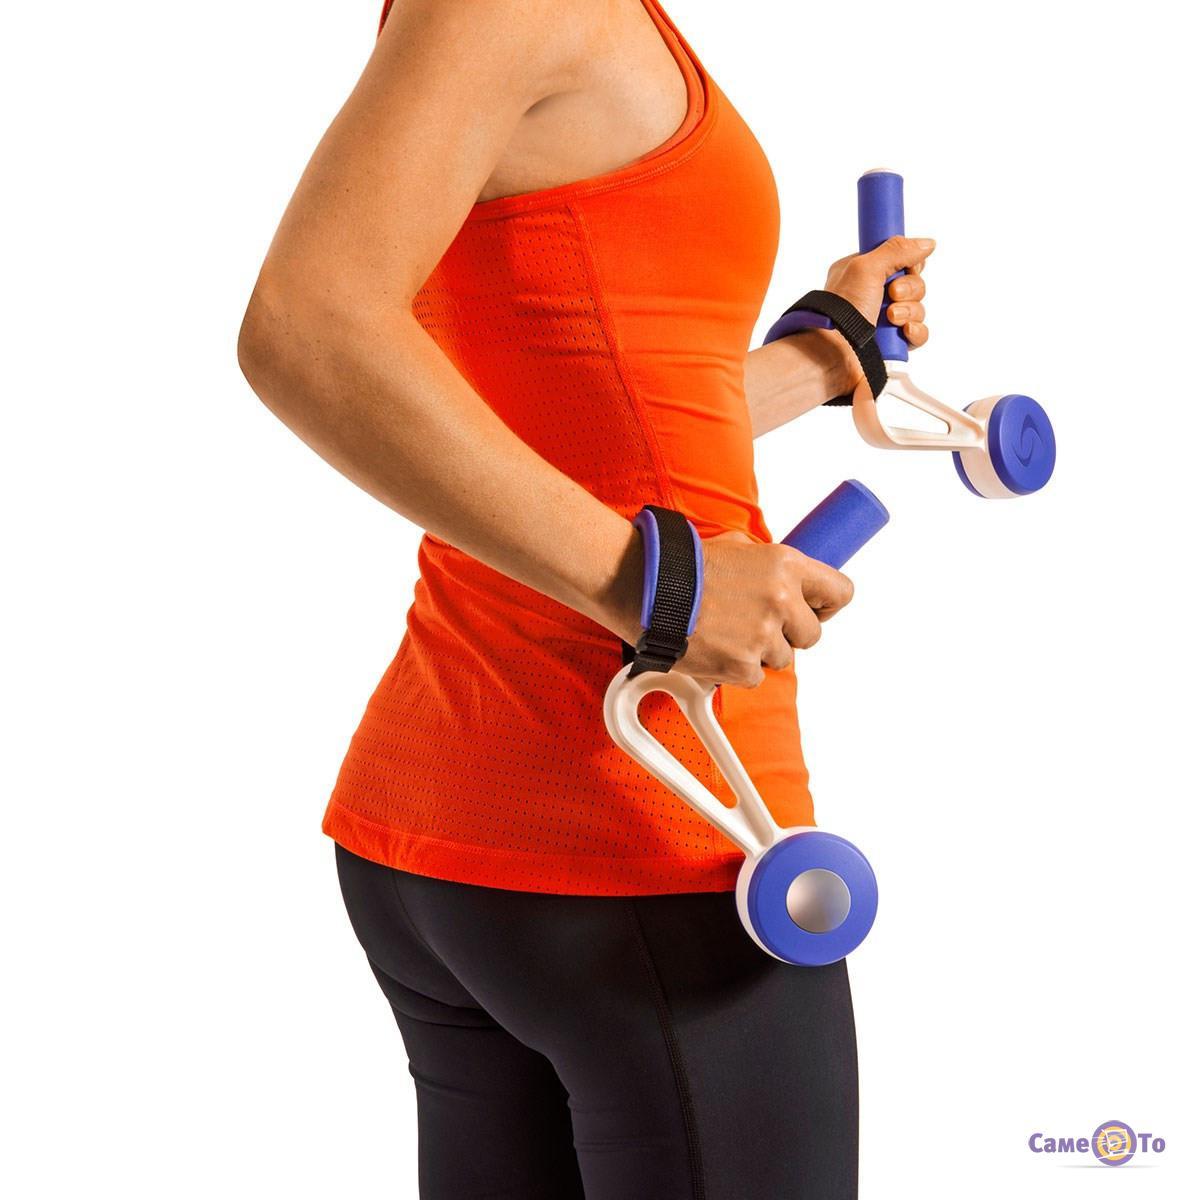 Гантели-утяжелители на руки для фитнеса Swing Weights